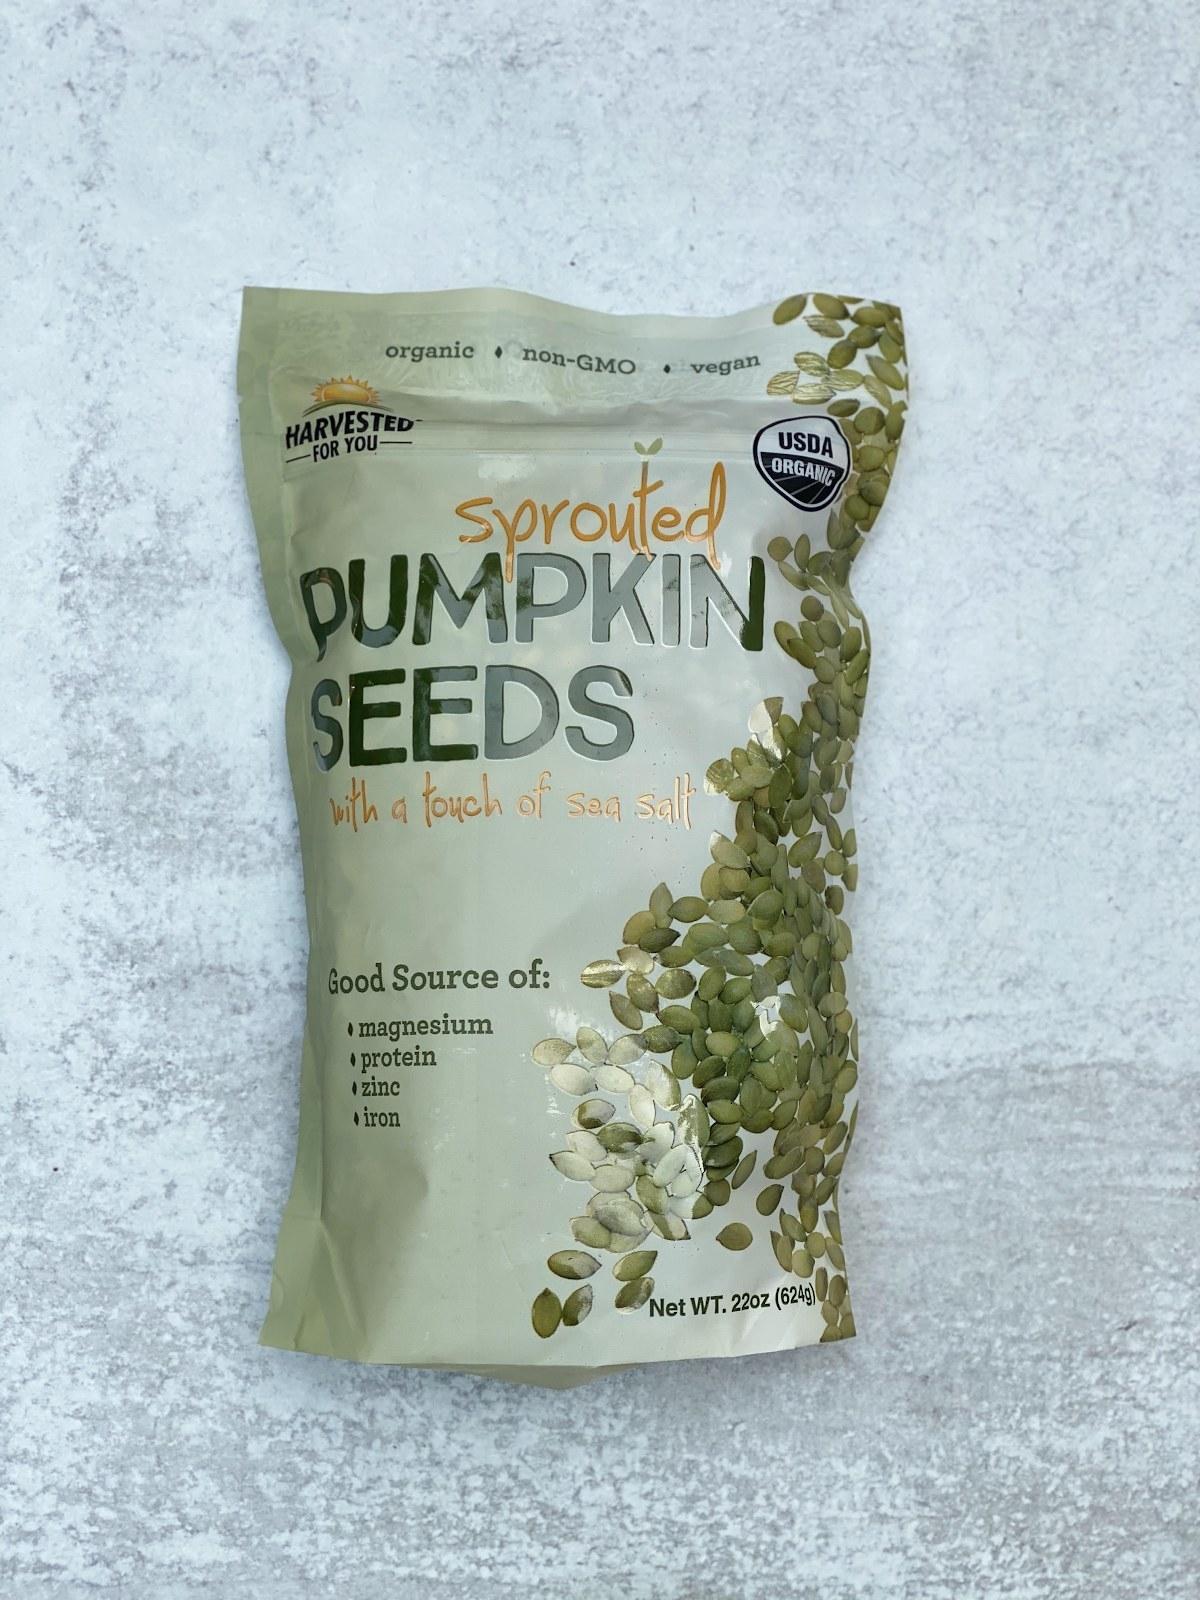 Bag of pumpkin seeds